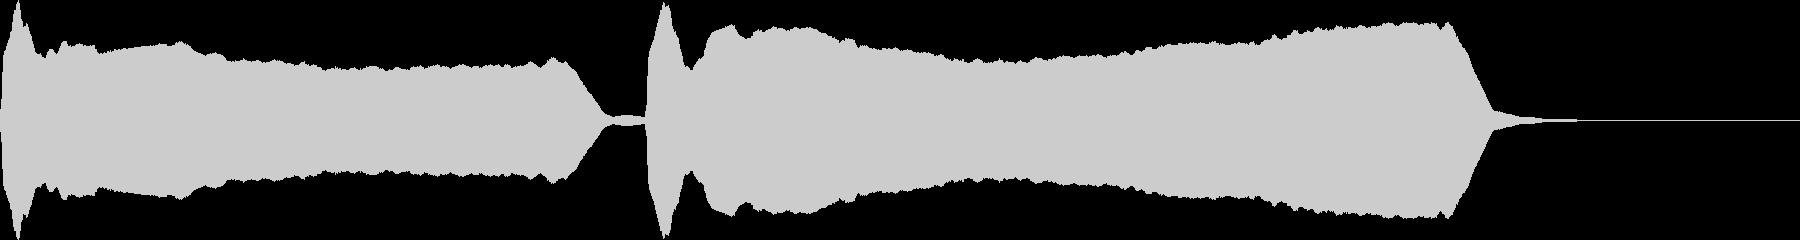 豆腐屋さんのラッパ(ゆっくり)の未再生の波形